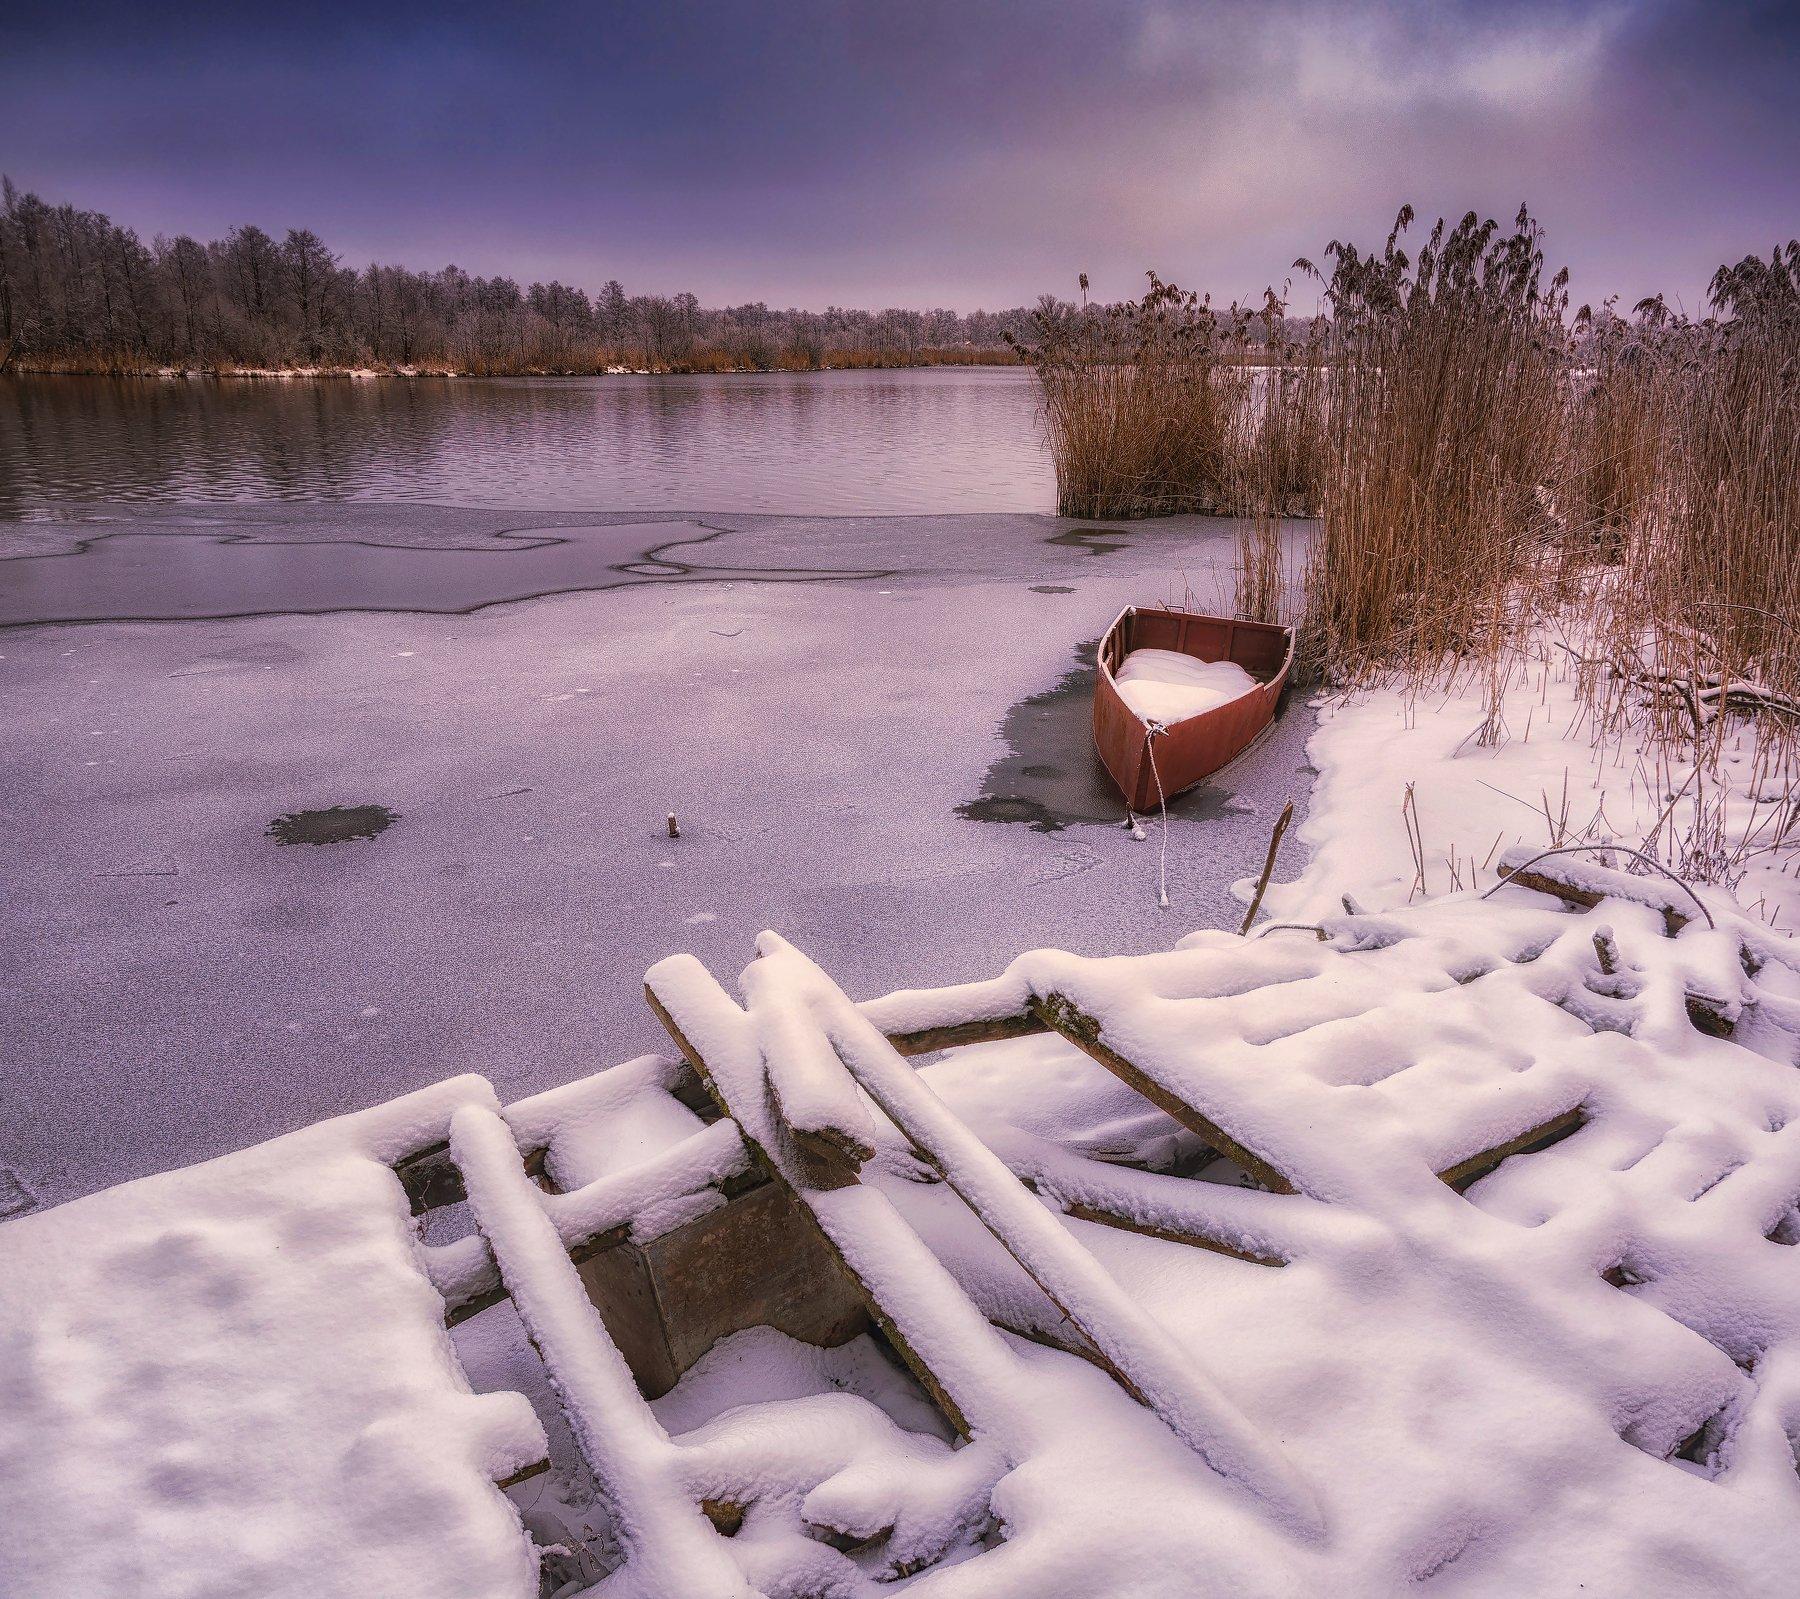 снег, природа, подмосковье, пейзаж, озеро, лодка, зима,, Павел Ныриков